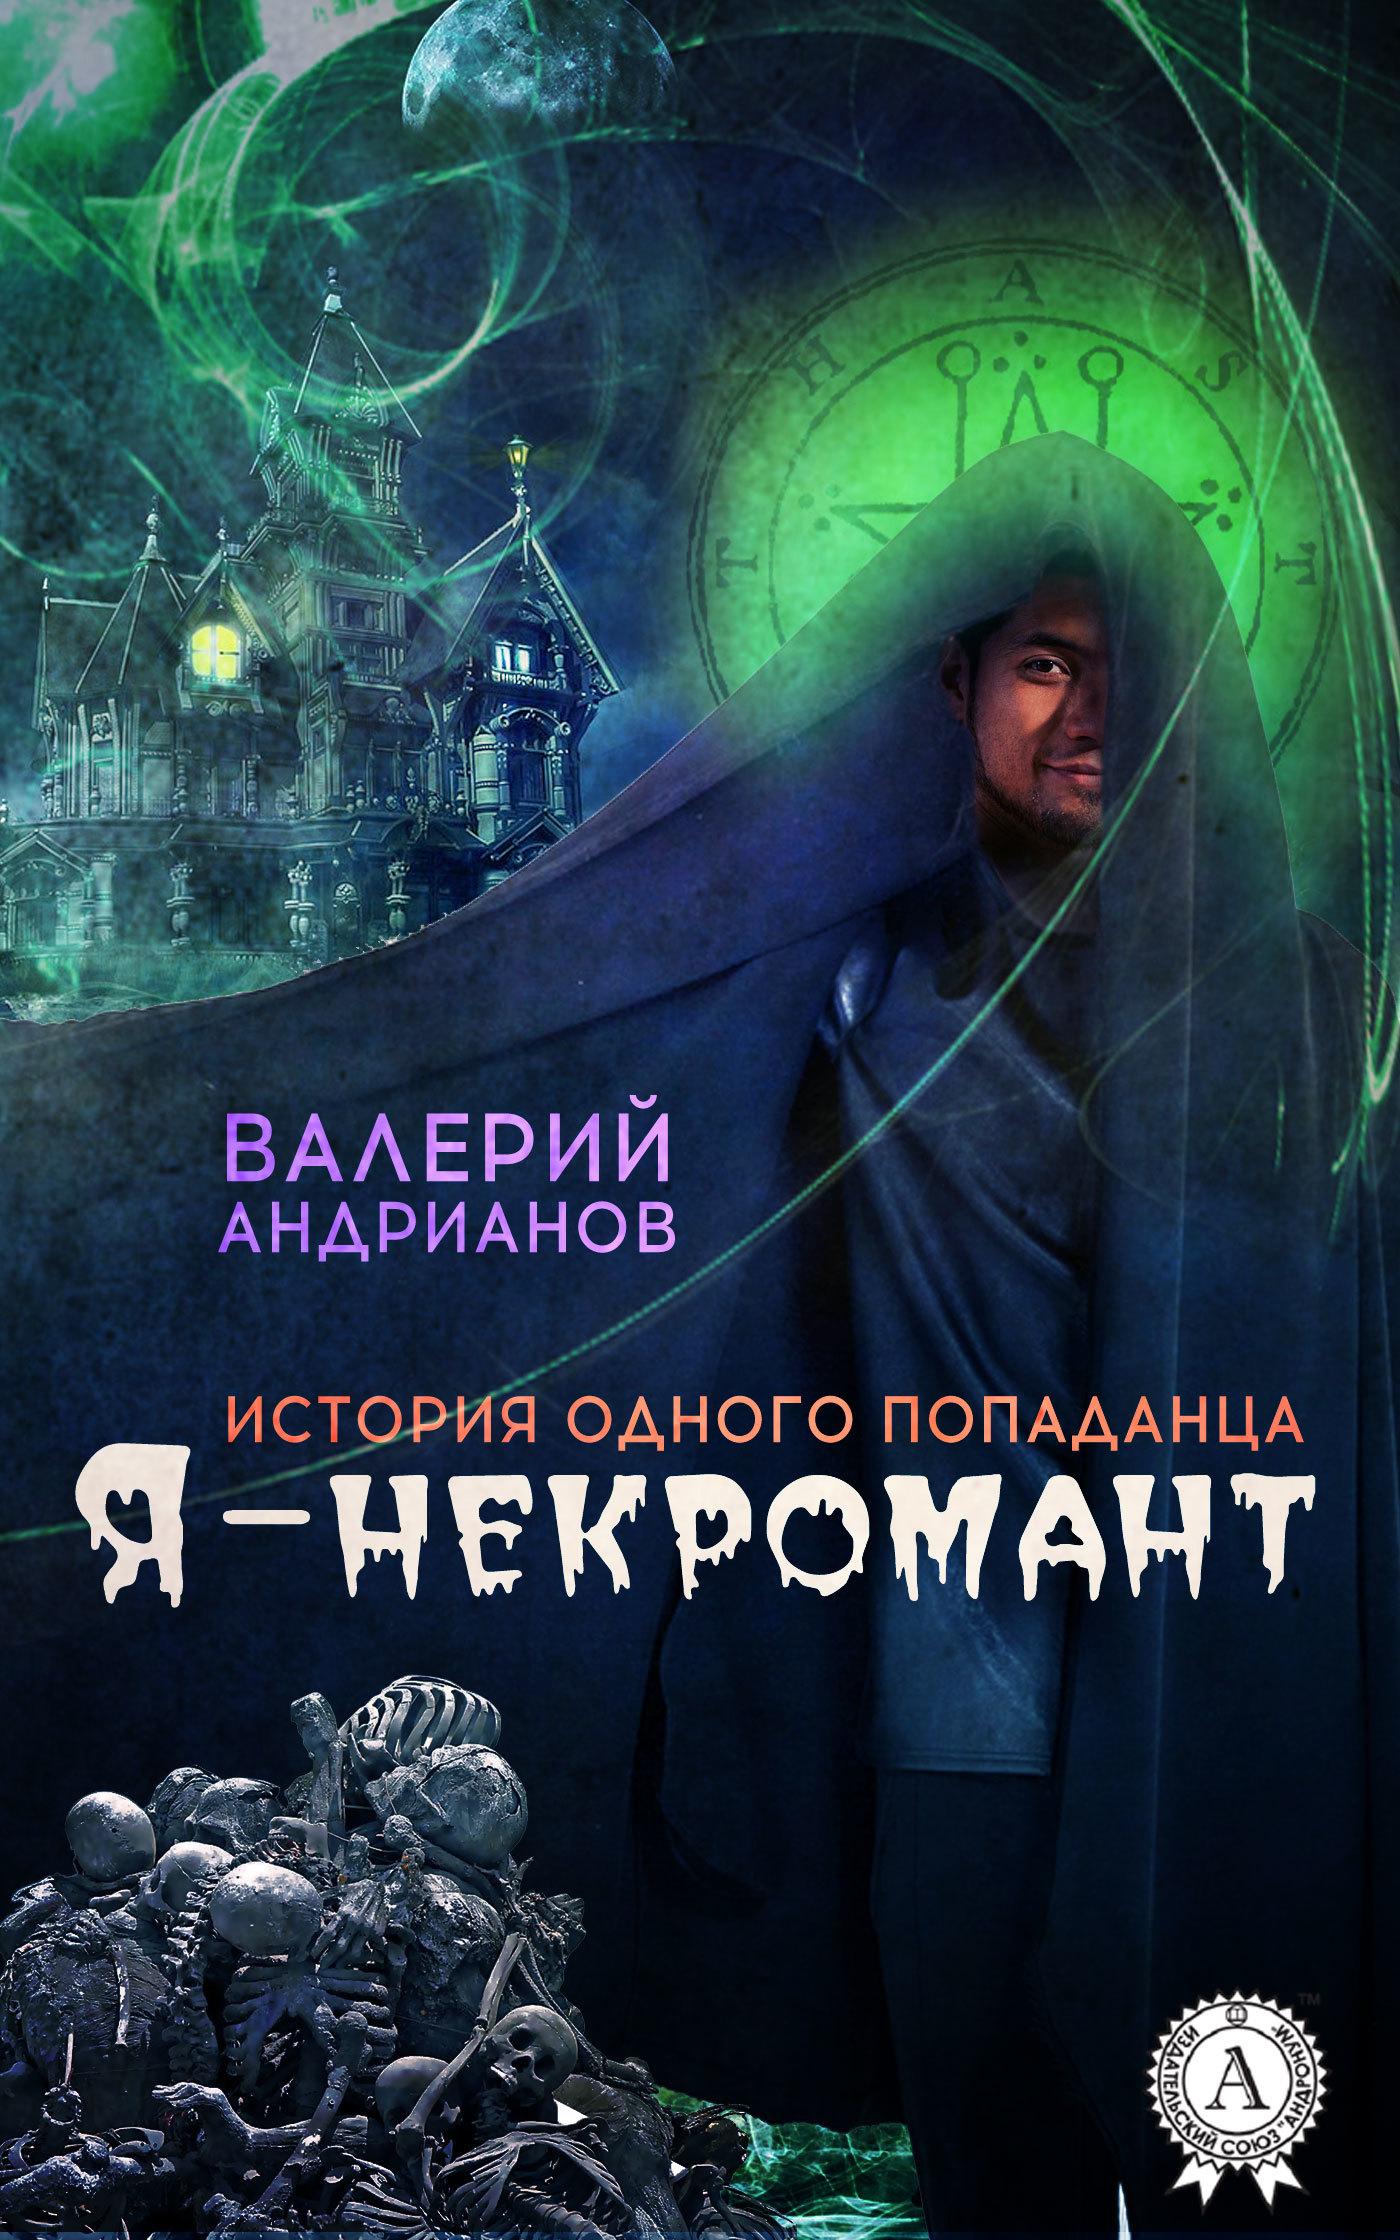 Красивая обложка книги 25/48/08/25480819.bin.dir/25480819.cover.jpg обложка